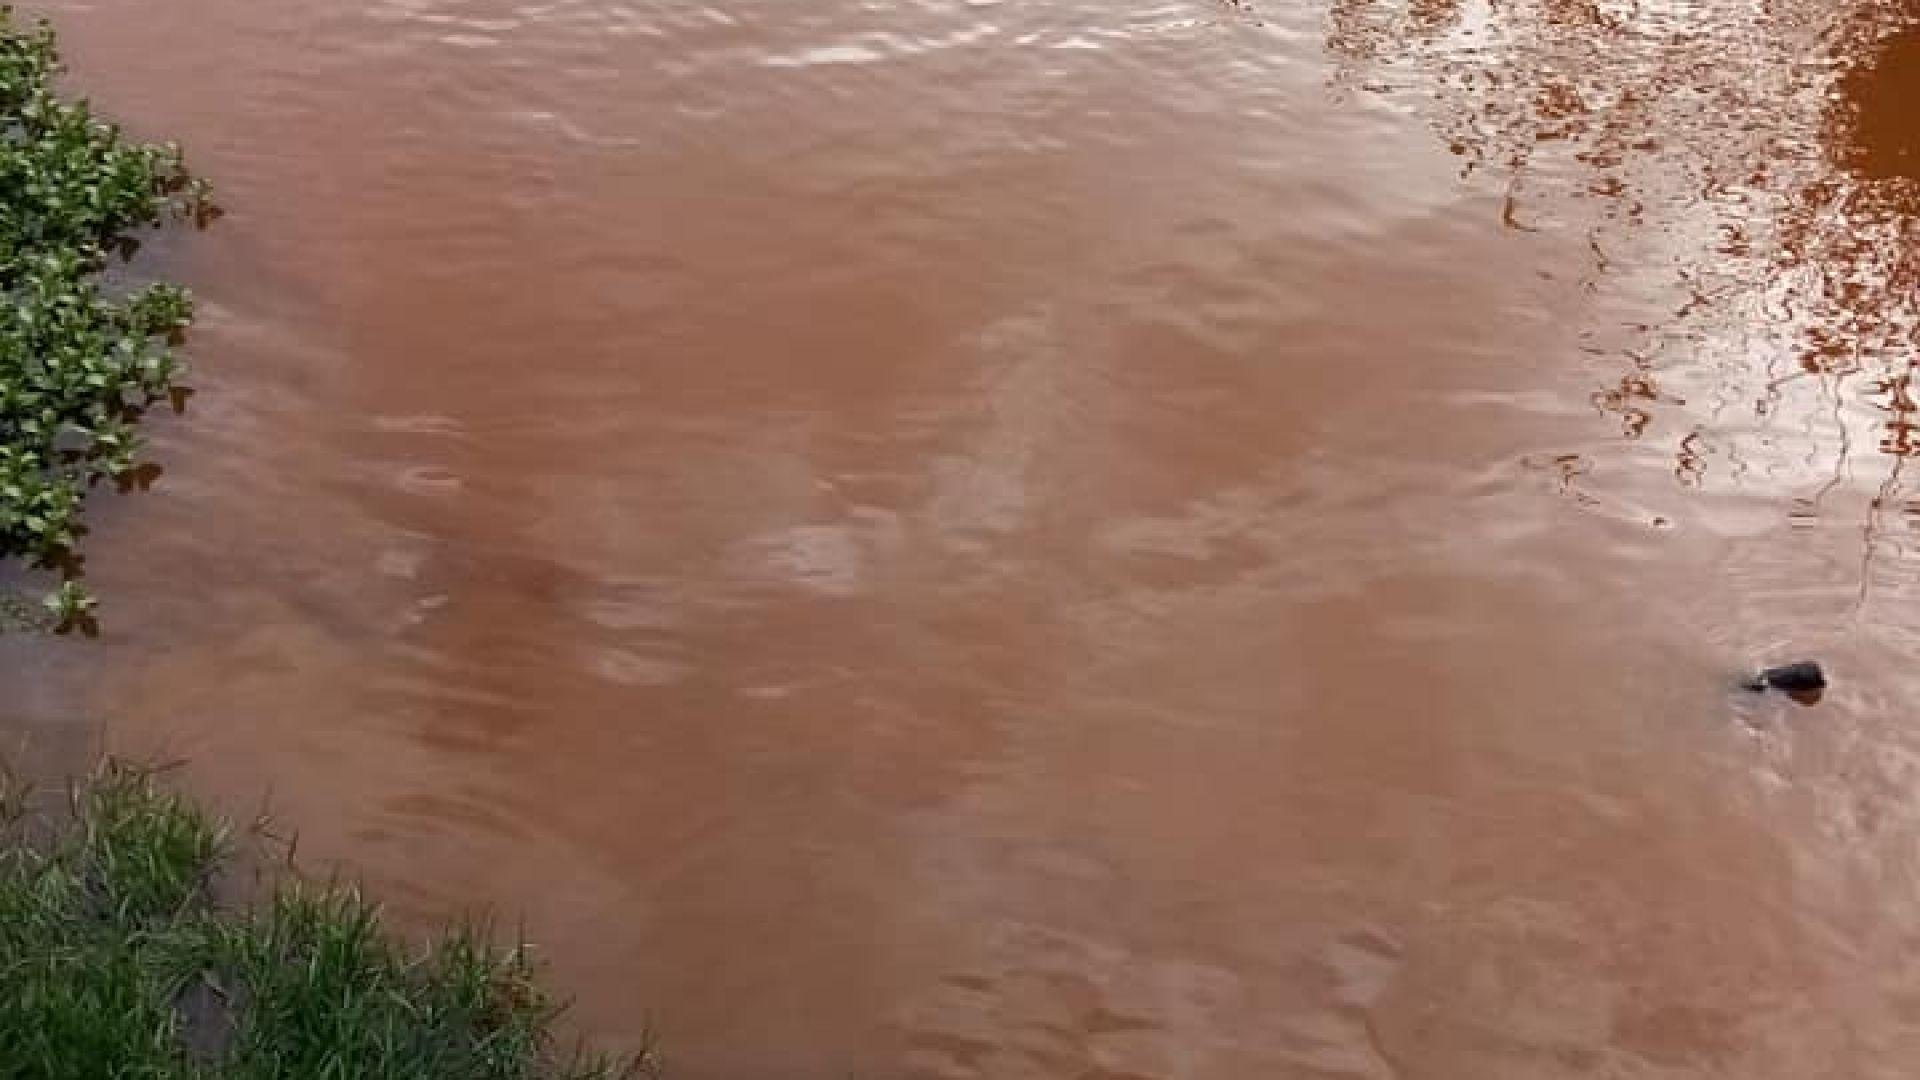 Вече е локализиран източникът на днешното замърсяване на река Струма,